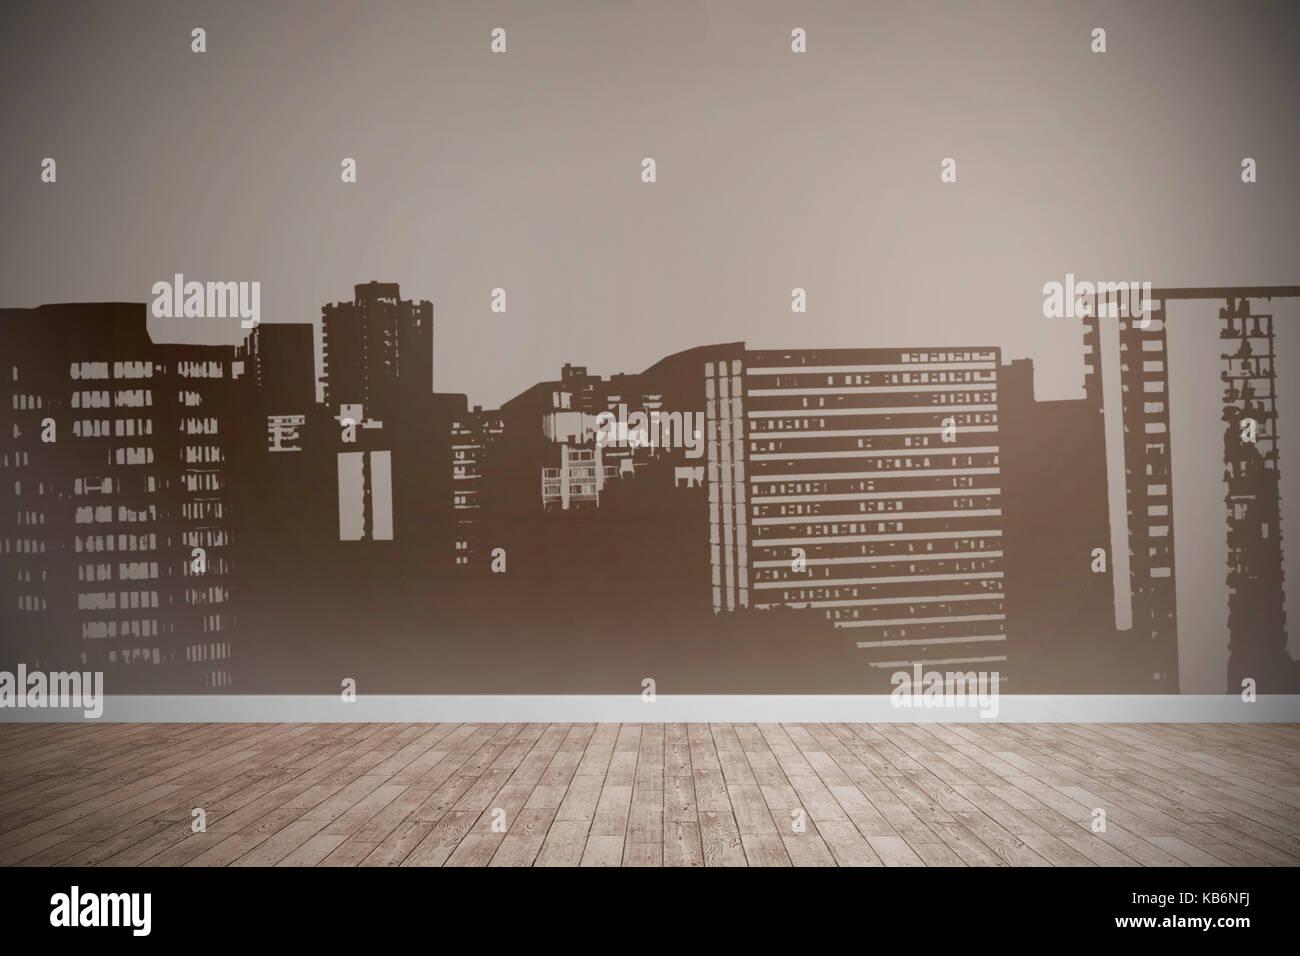 Computer erzeugte Bild von Gebäuden gegen Zimmer mit Holzboden Stockbild